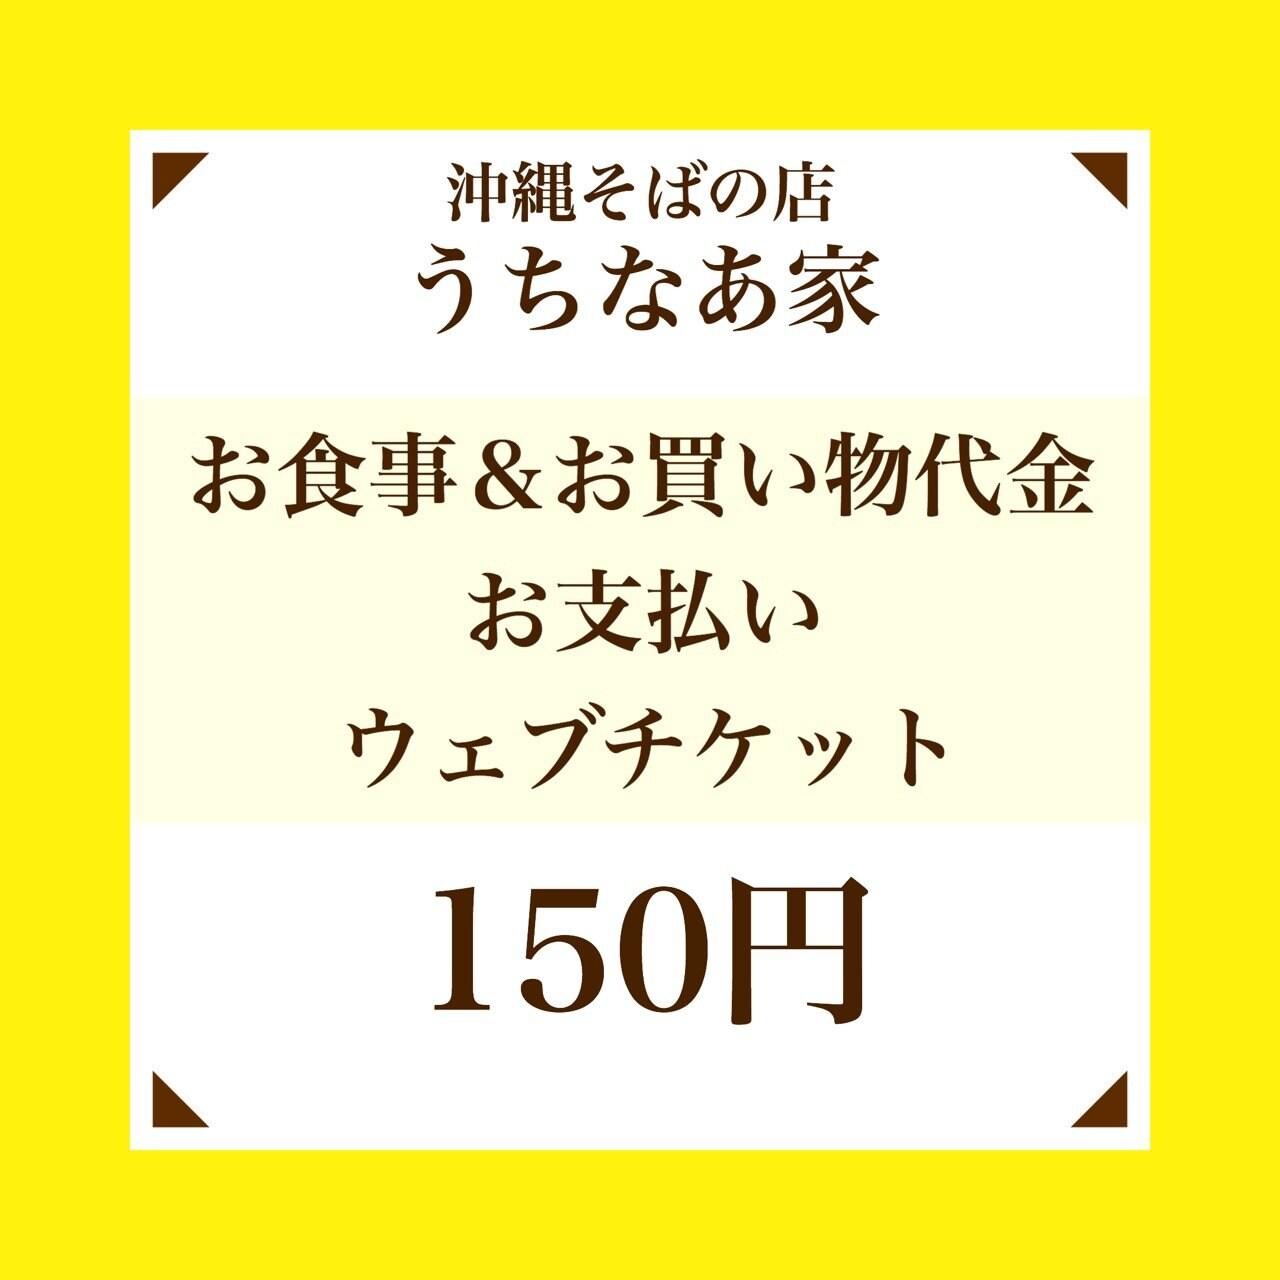 150円お食事券&お買い物チケットのイメージその1